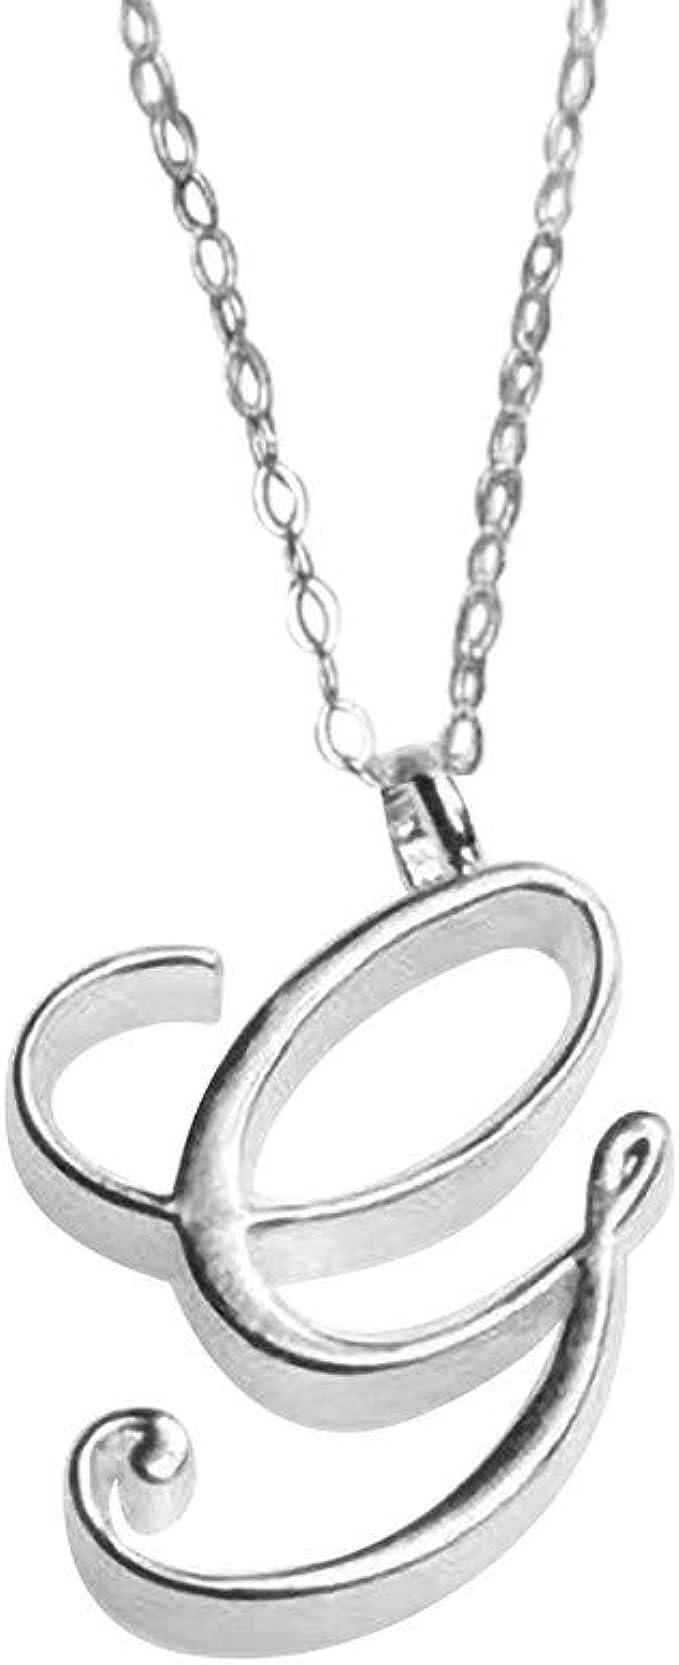 Floray acero inoxidable señora collar mariposa colgante en plata joyas de lujo